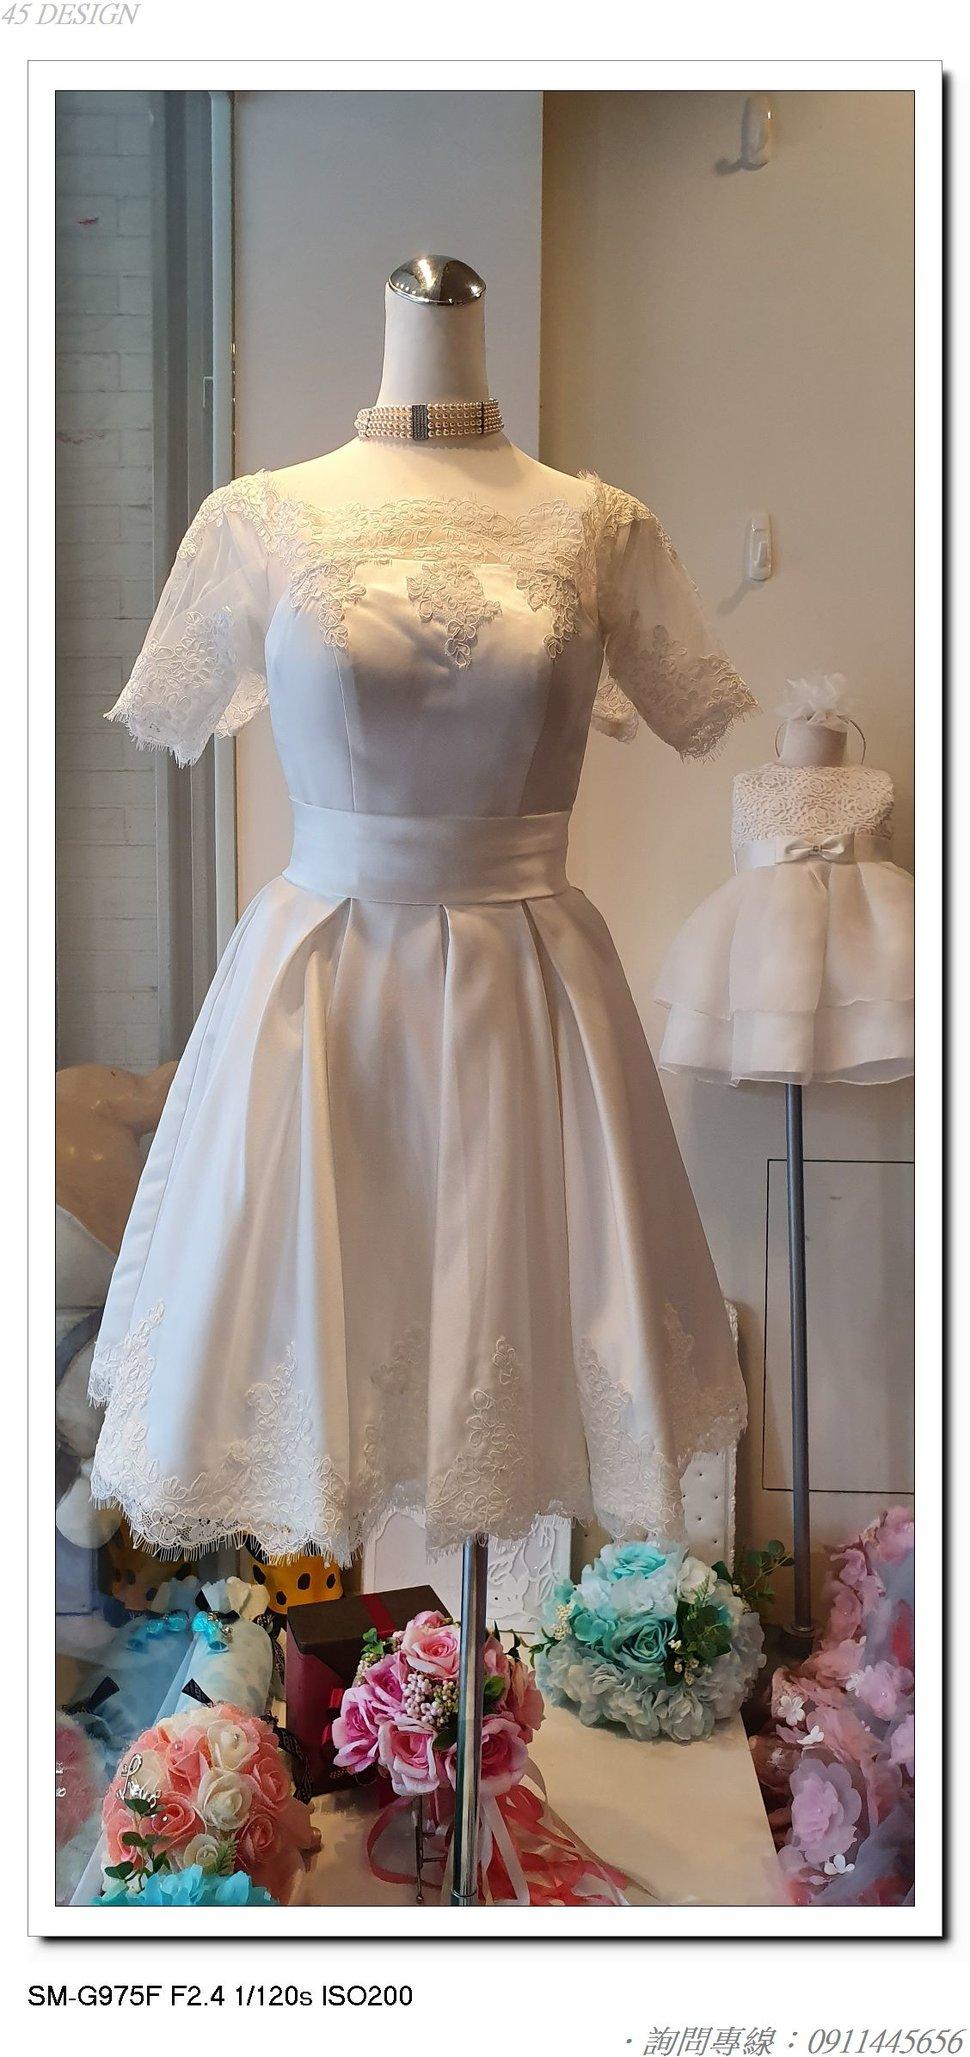 20200214_153444 - 全台最便宜-45DESIGN四五婚紗禮服《結婚吧》